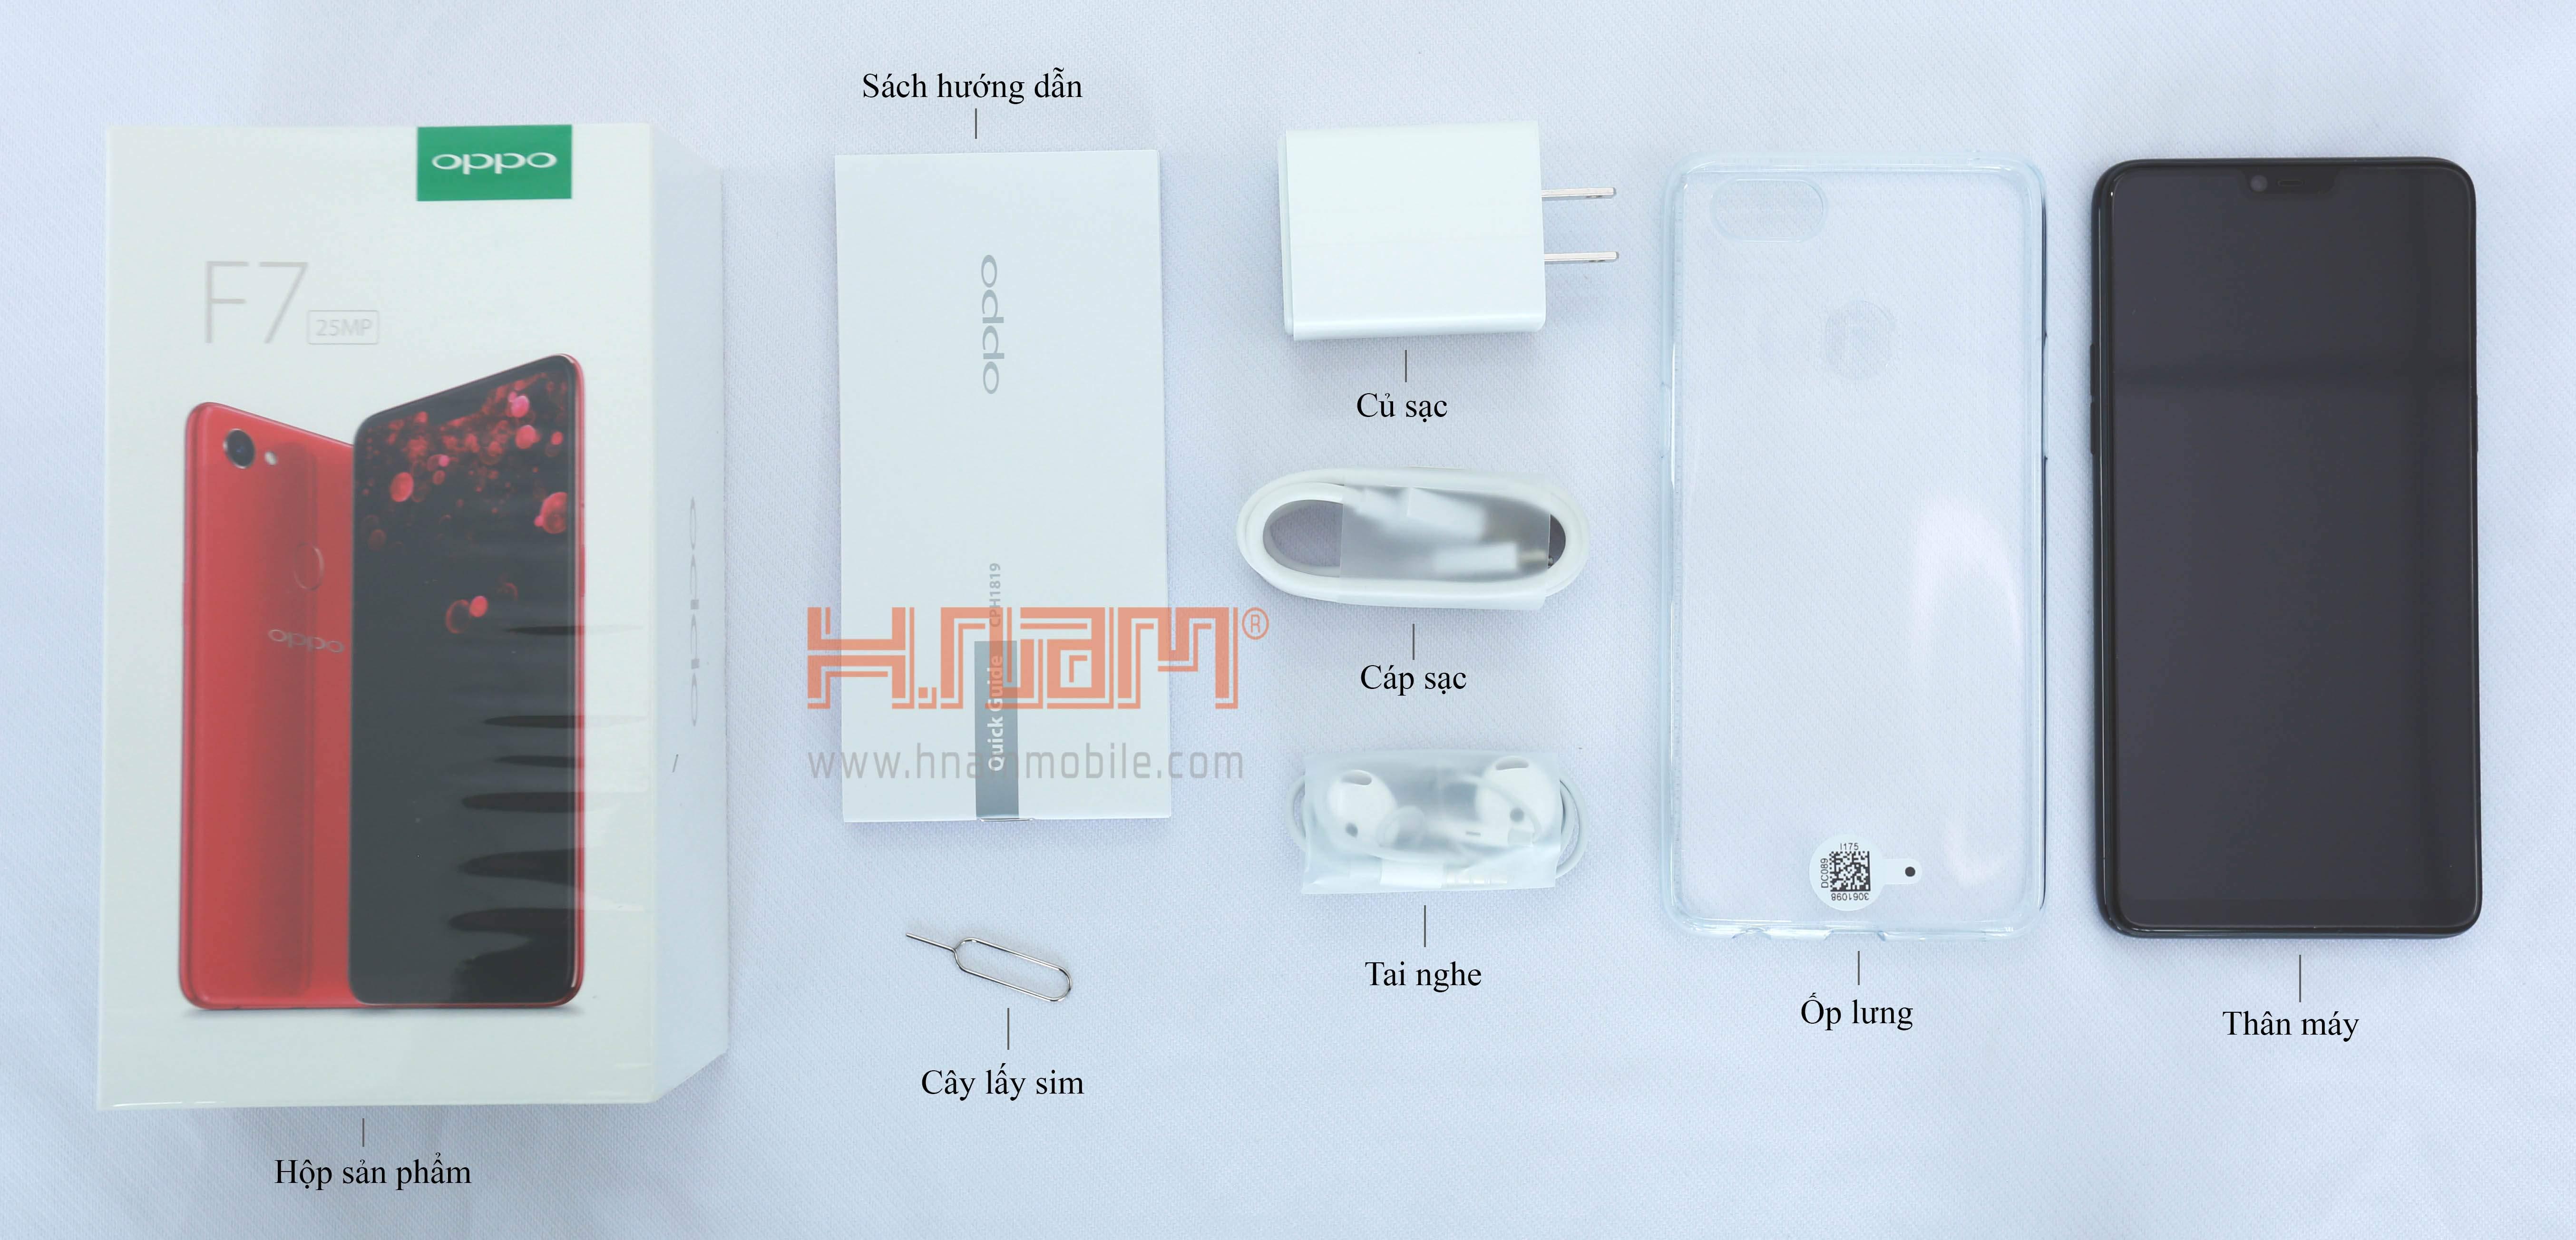 Oppo F7 64Gb hình sản phẩm 0